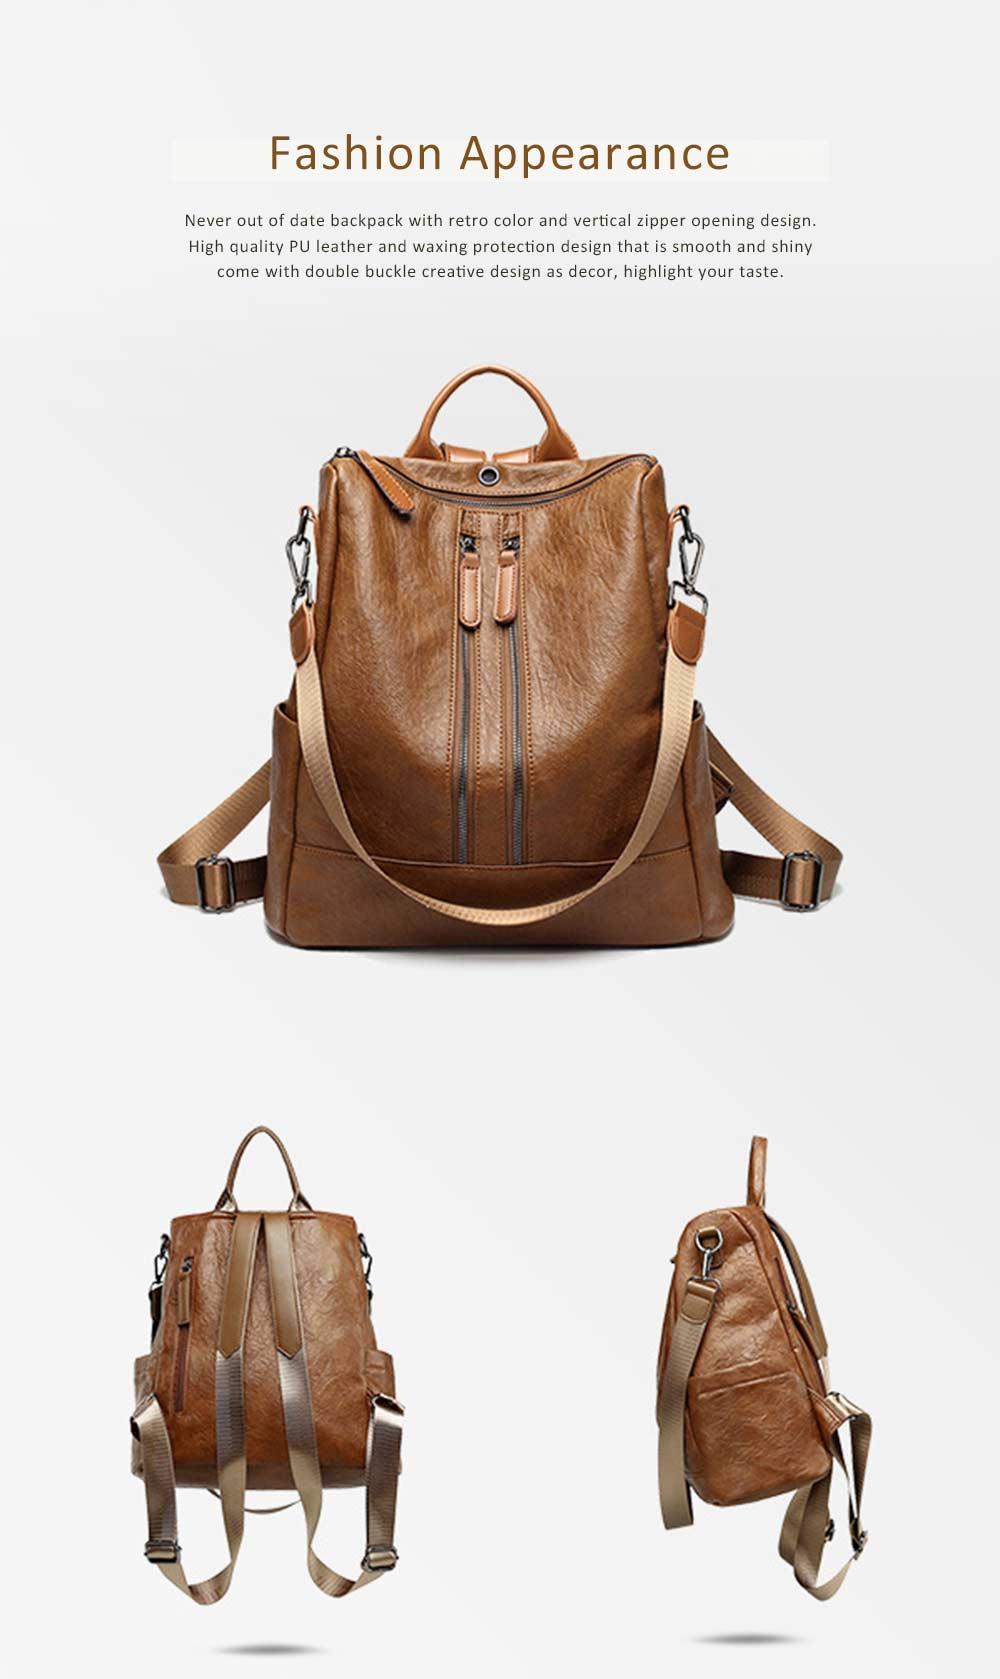 Casual Brown Backpack & Shoulder Bag, Vintage Style Multiple Pockets Large Bag for Travel, School 2